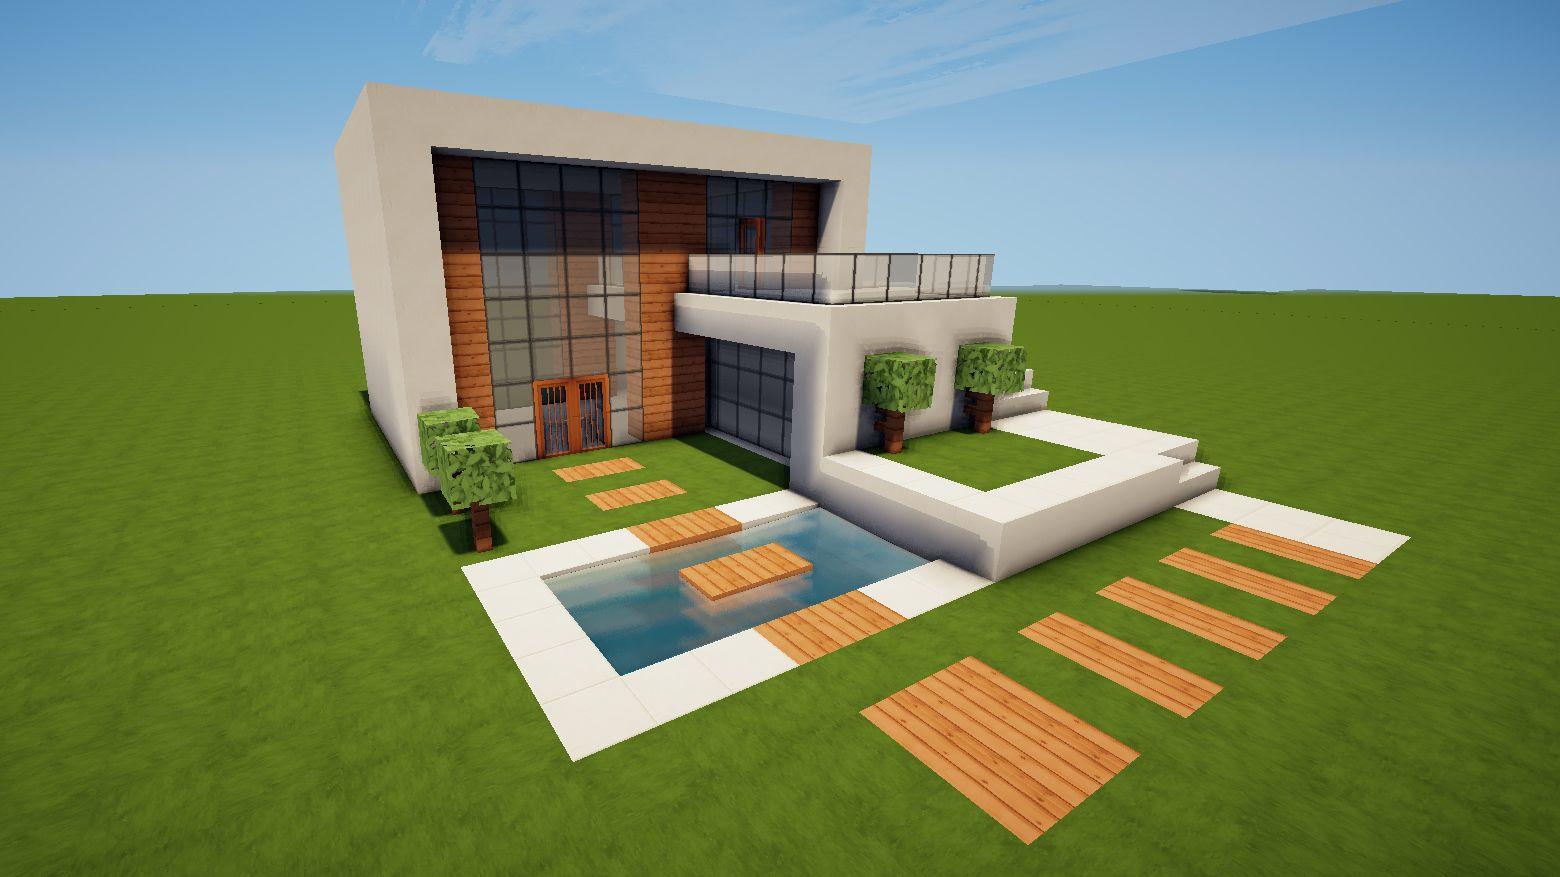 Minecraft Haus Jannis Gerzen 188 In 2020 Minecraft Haus Minecraft Haus Bauen Minecraft Haus Ideen